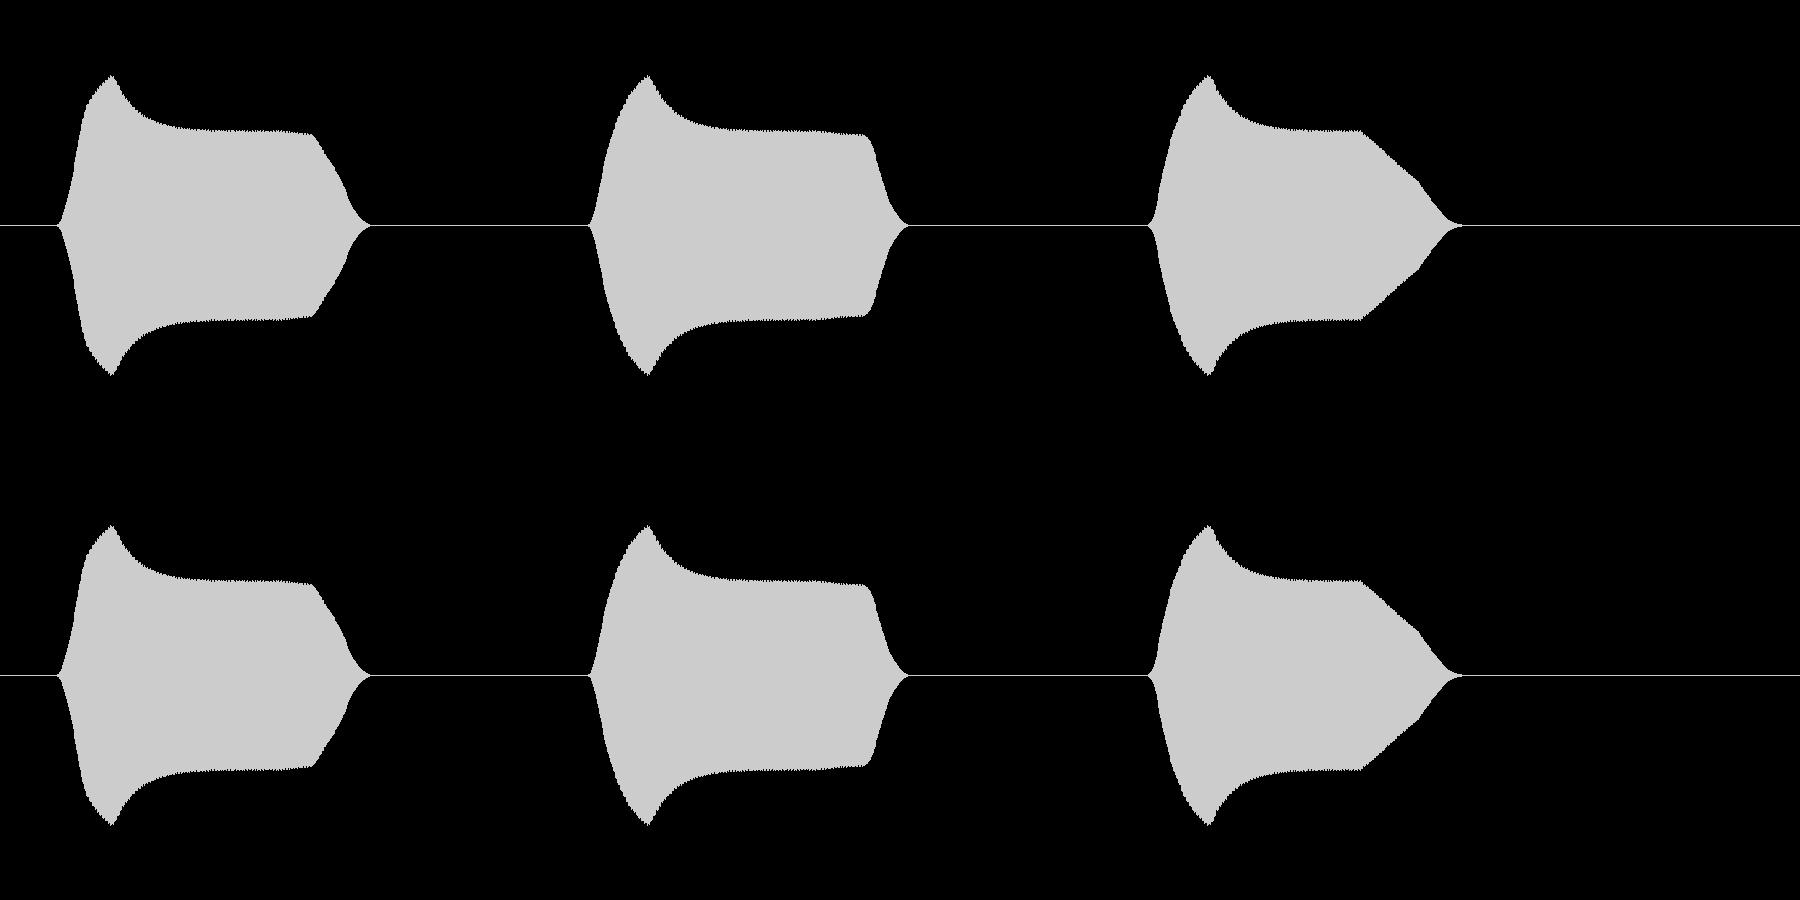 ピピピッ(高めの音)の未再生の波形